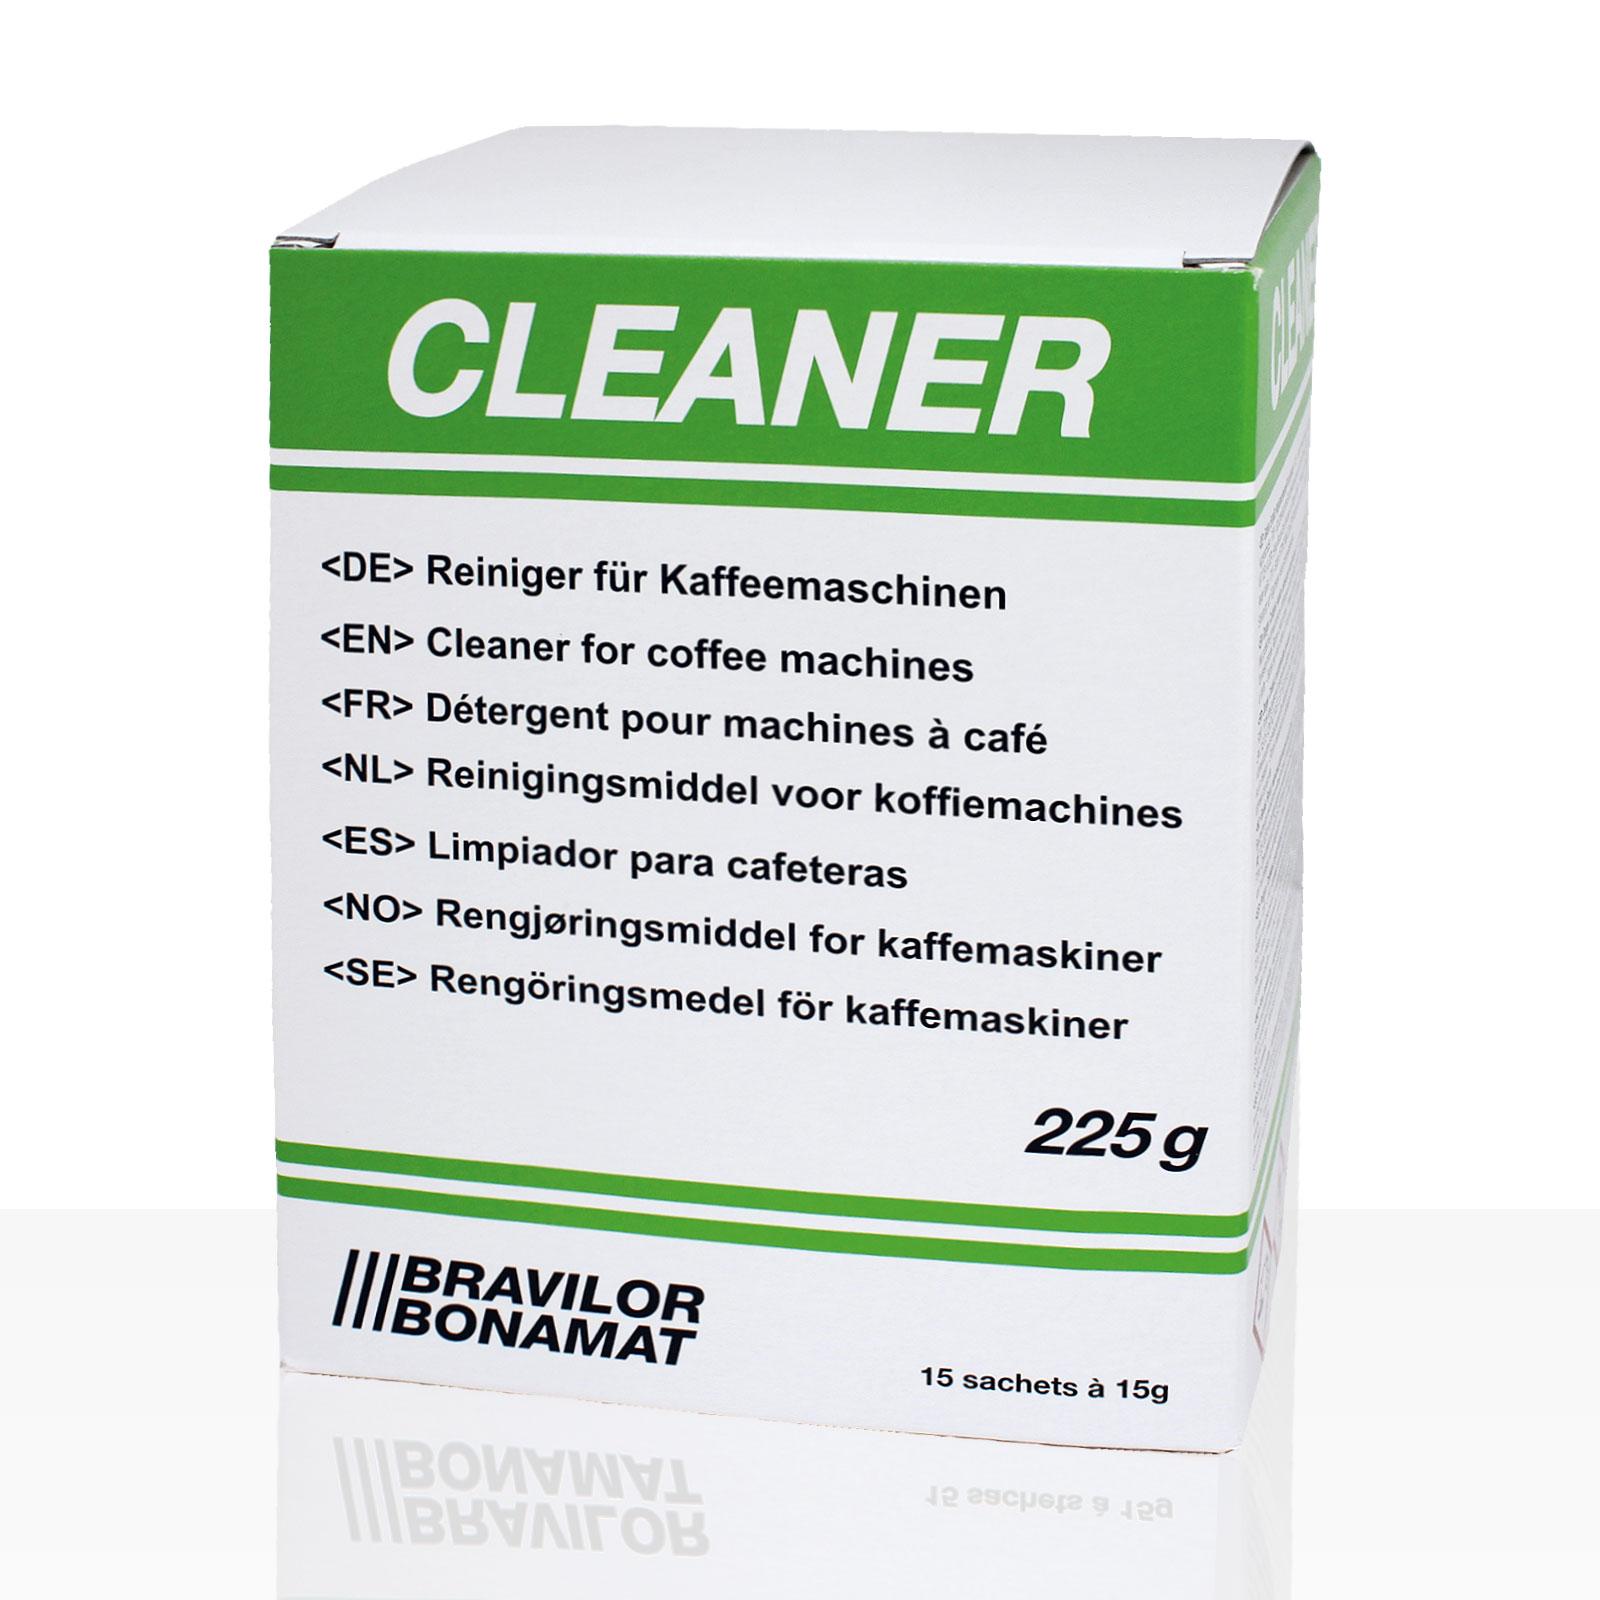 Bonamat Cleaner Reiniger 15 x 15g Portionsbeutel (Nur für gewerbliche Anwendung)